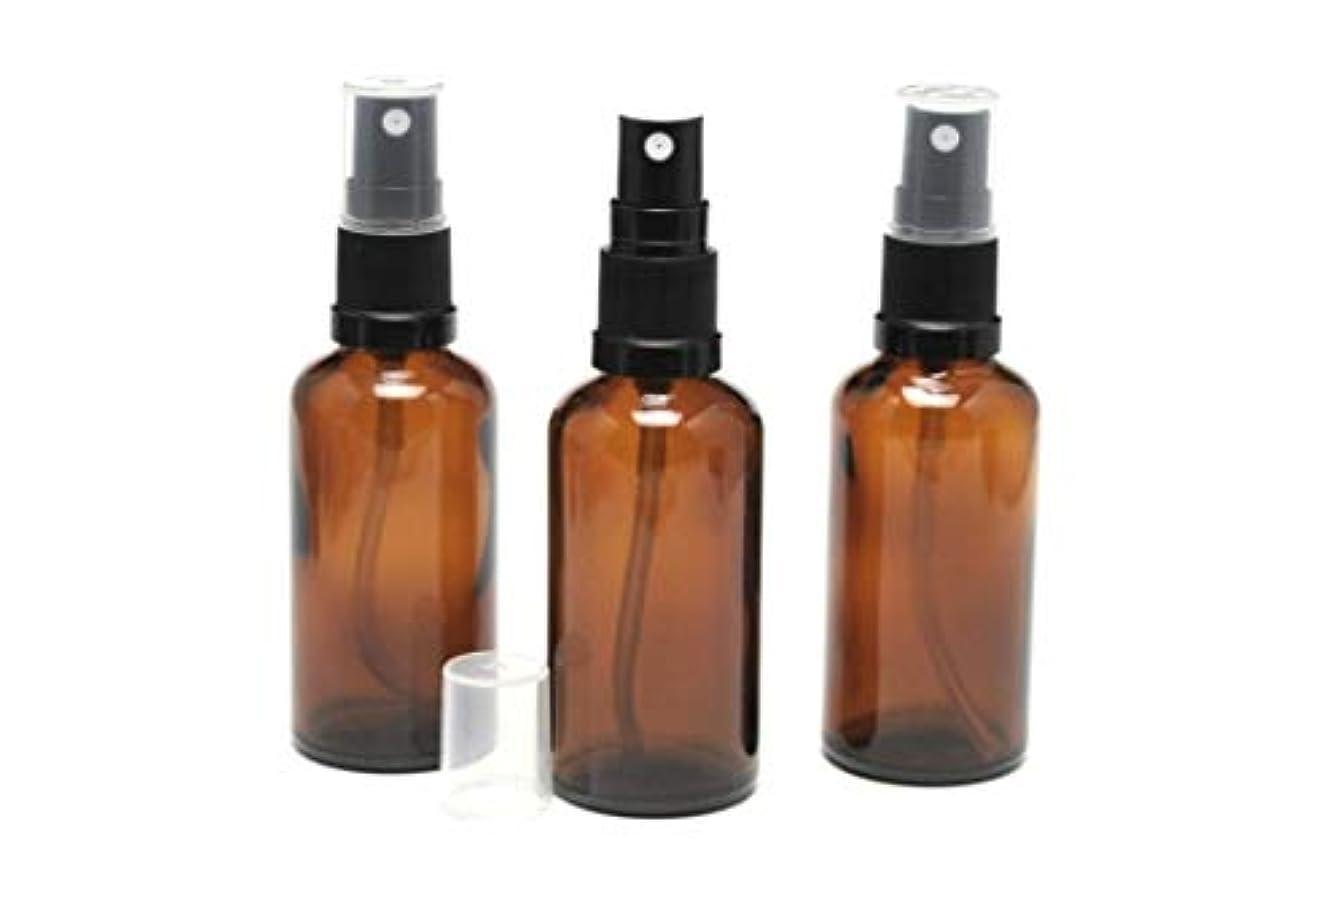 遮光瓶 スプレーボトル (グラス/アトマイザー) 50ml アンバー/ブラックヘッド 3本セット 【 新品アウトレットセール 】